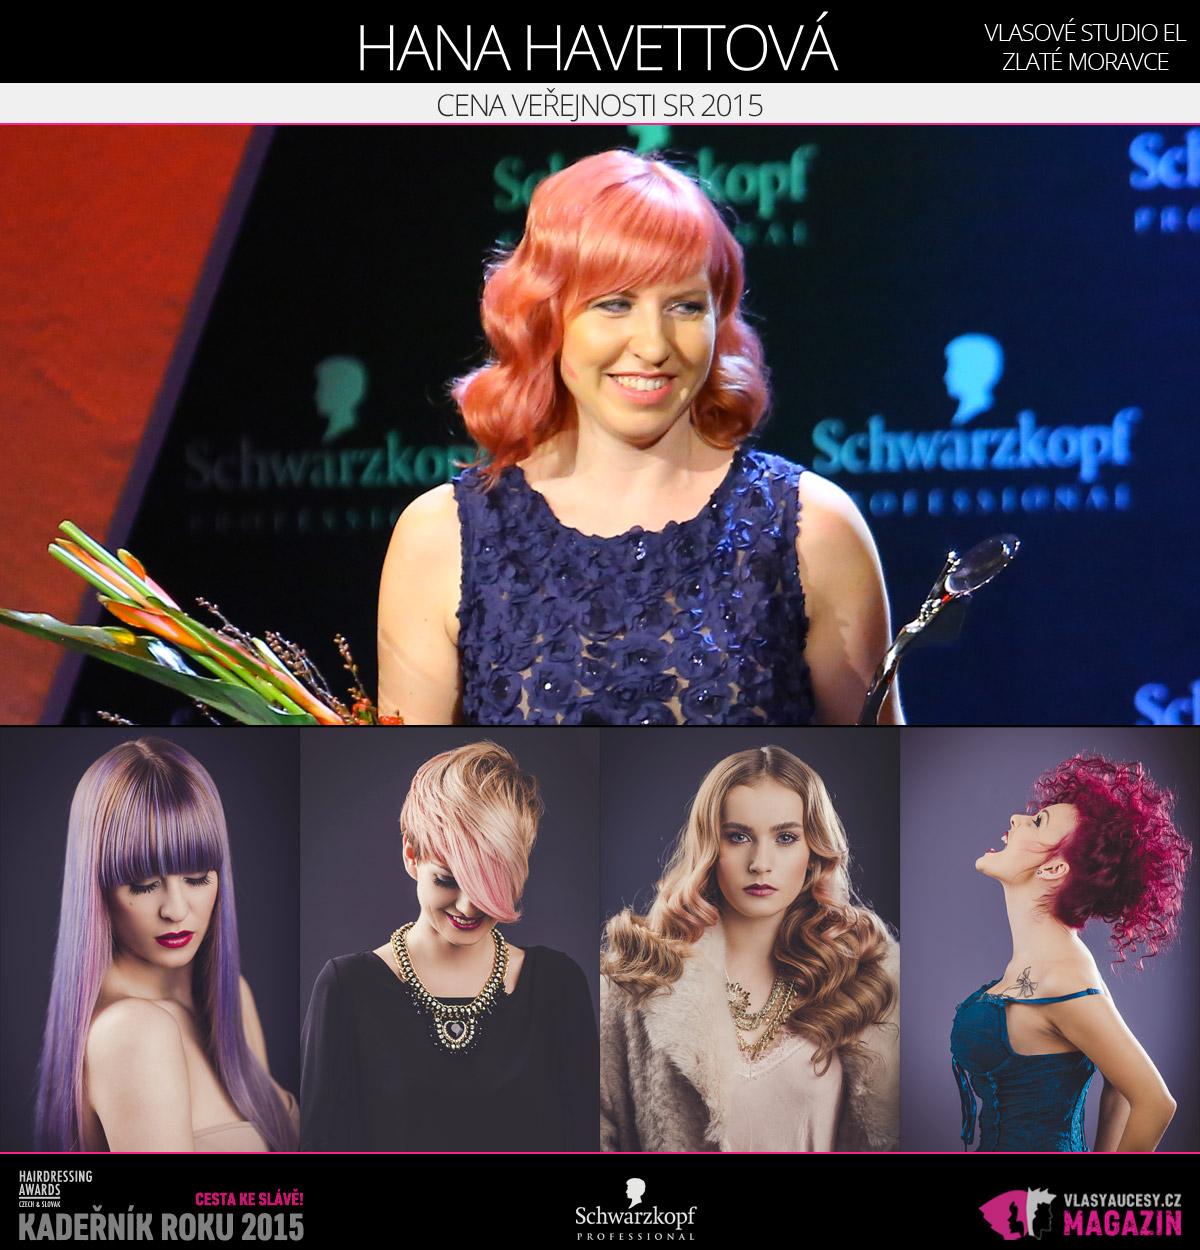 Vítězem v kategorii Cena veřejnosti SR Czech and Slovak Hairdressing Awards 2015 Hana Havettová z Vlasového studia EL ve Zlatých Moravcích.